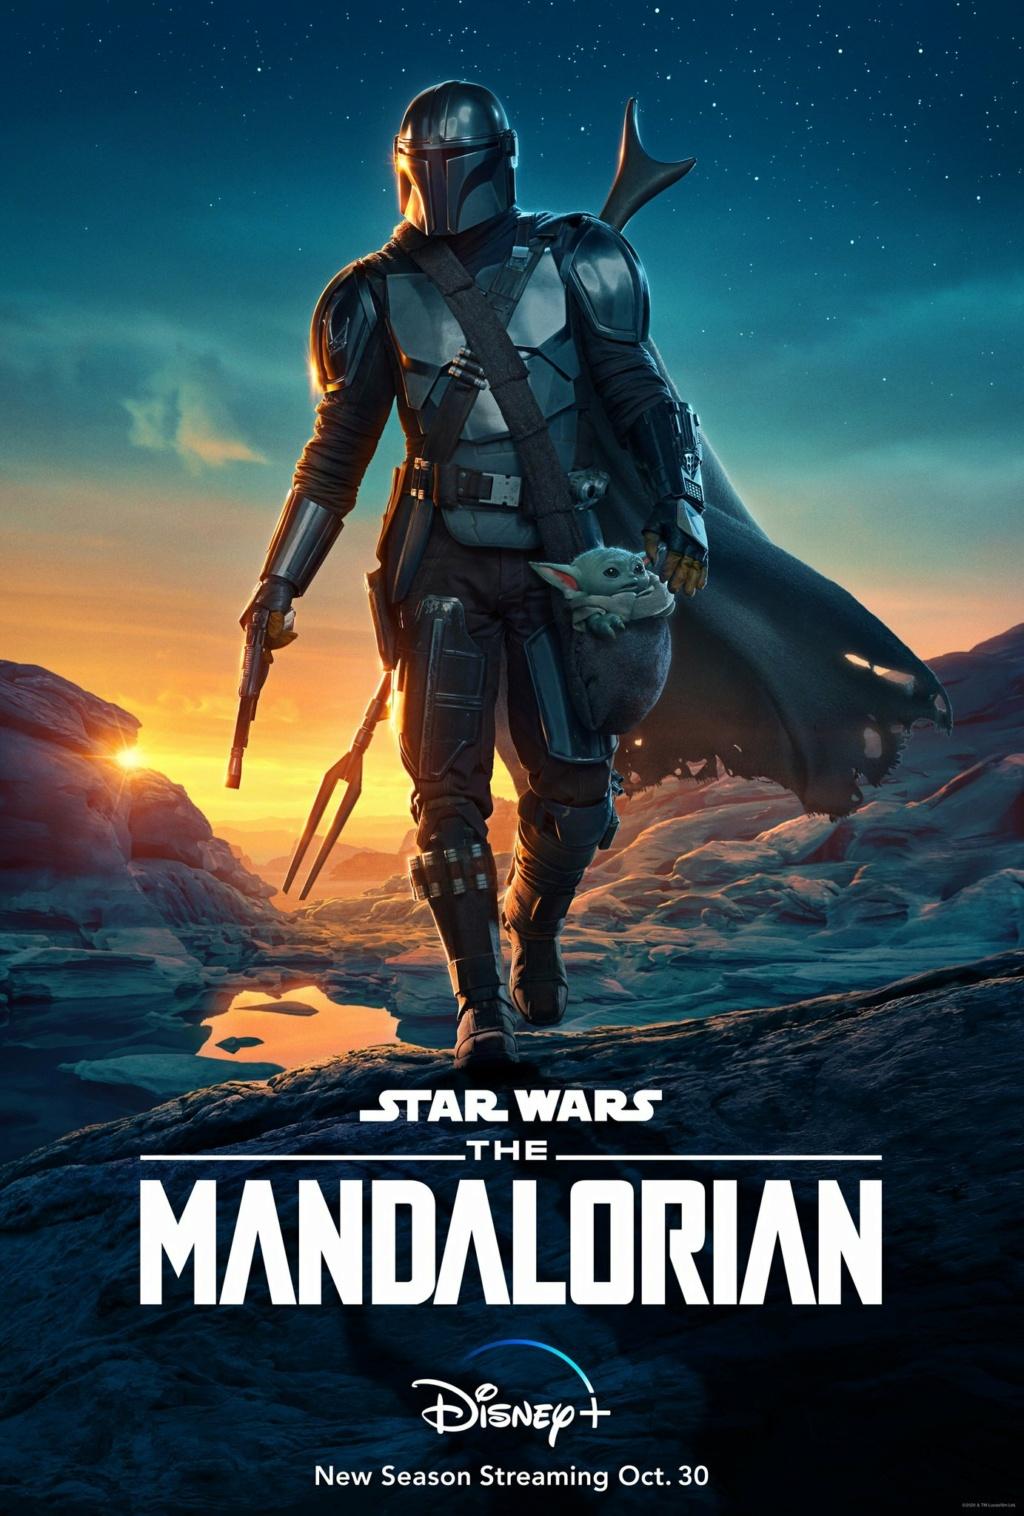 Les NEWS de la saison 2 de Star Wars The Mandalorian  - Page 2 Poster98